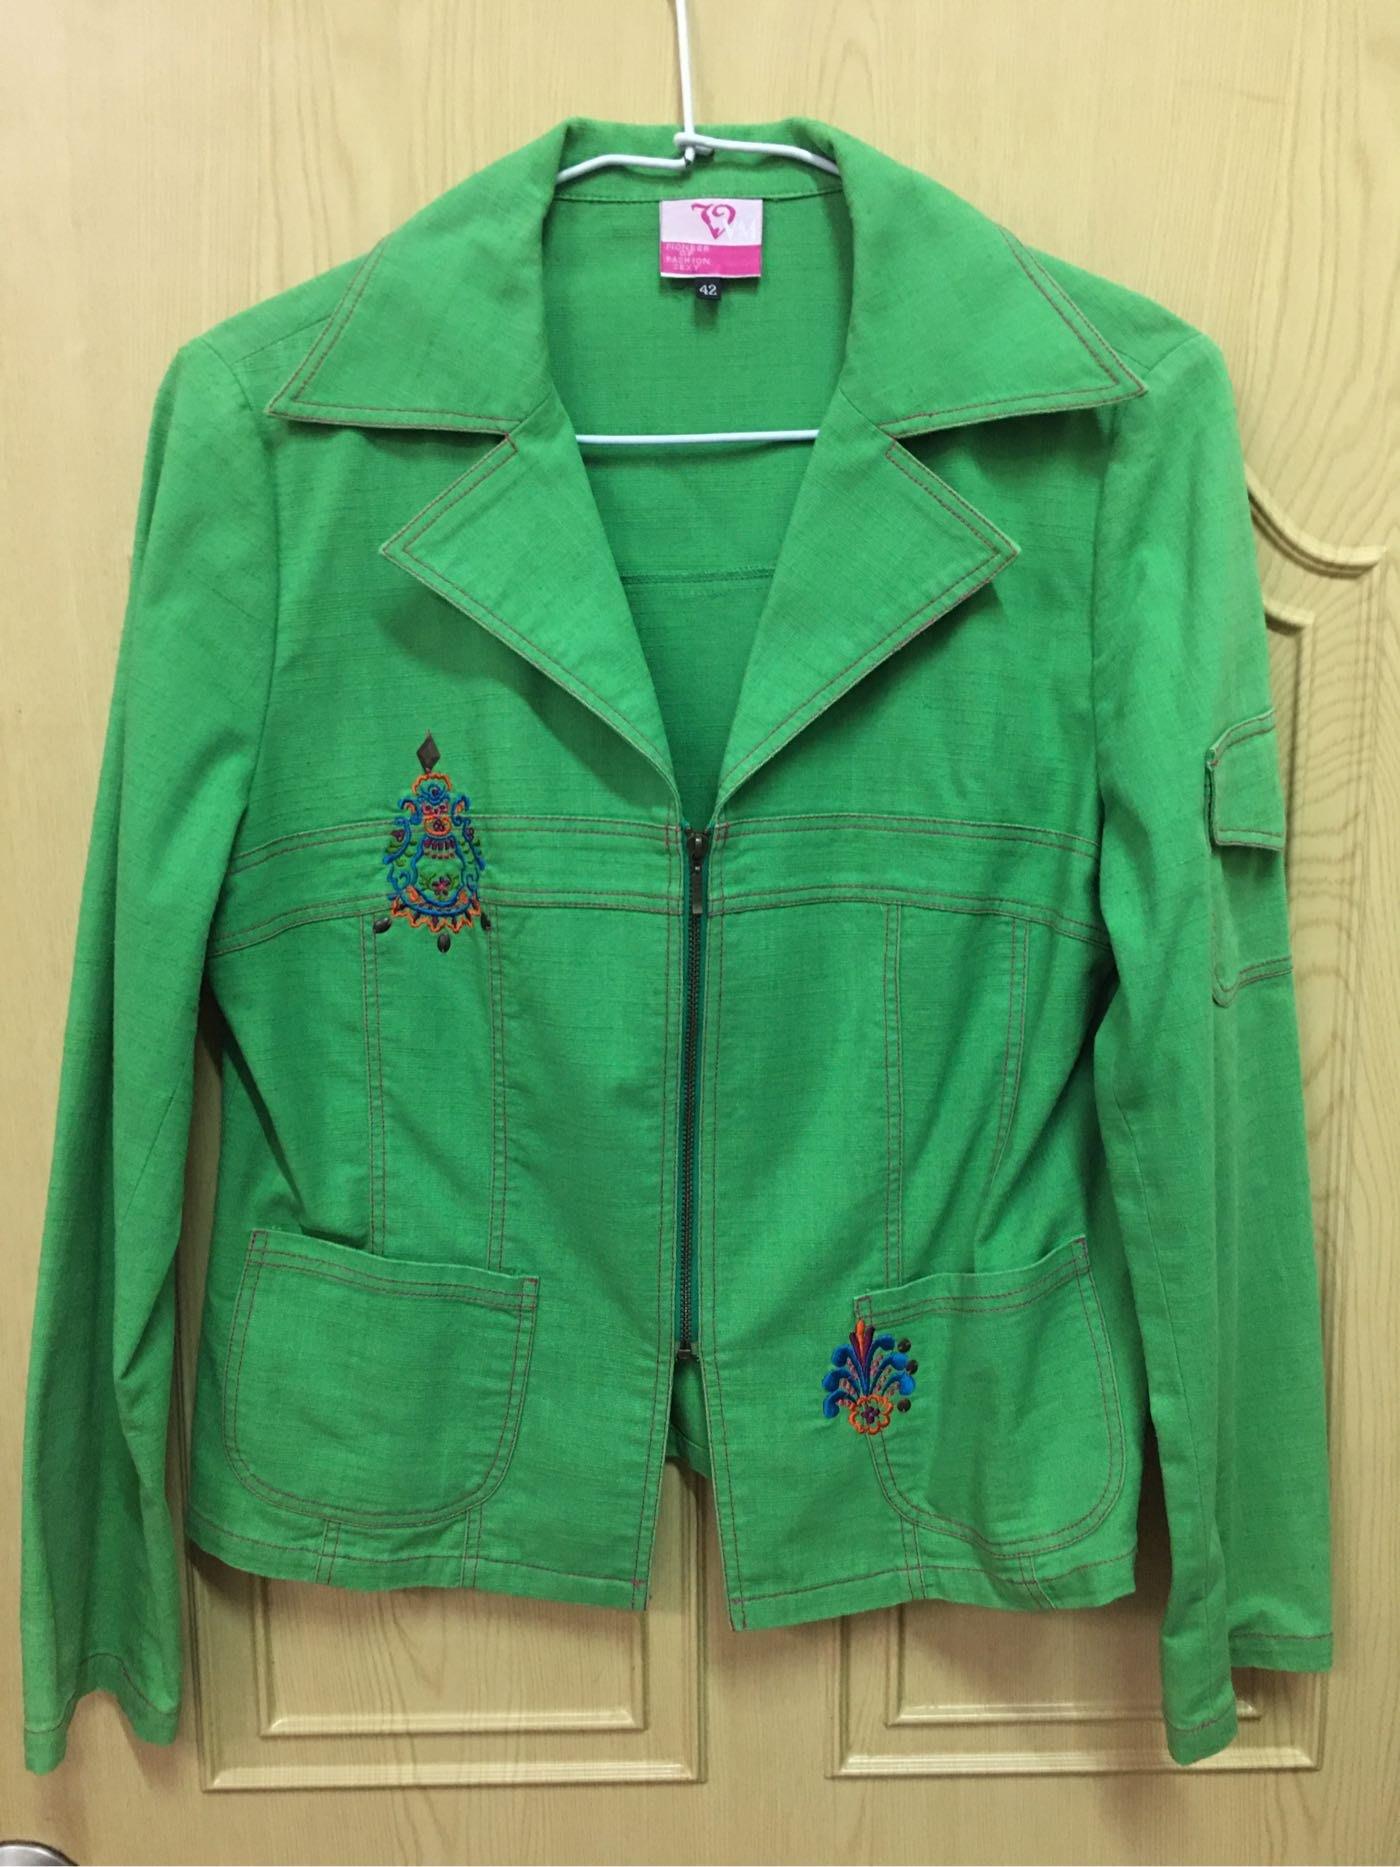 繡花綠色修身薄夾克~冷氣房變換造型好穿搭~